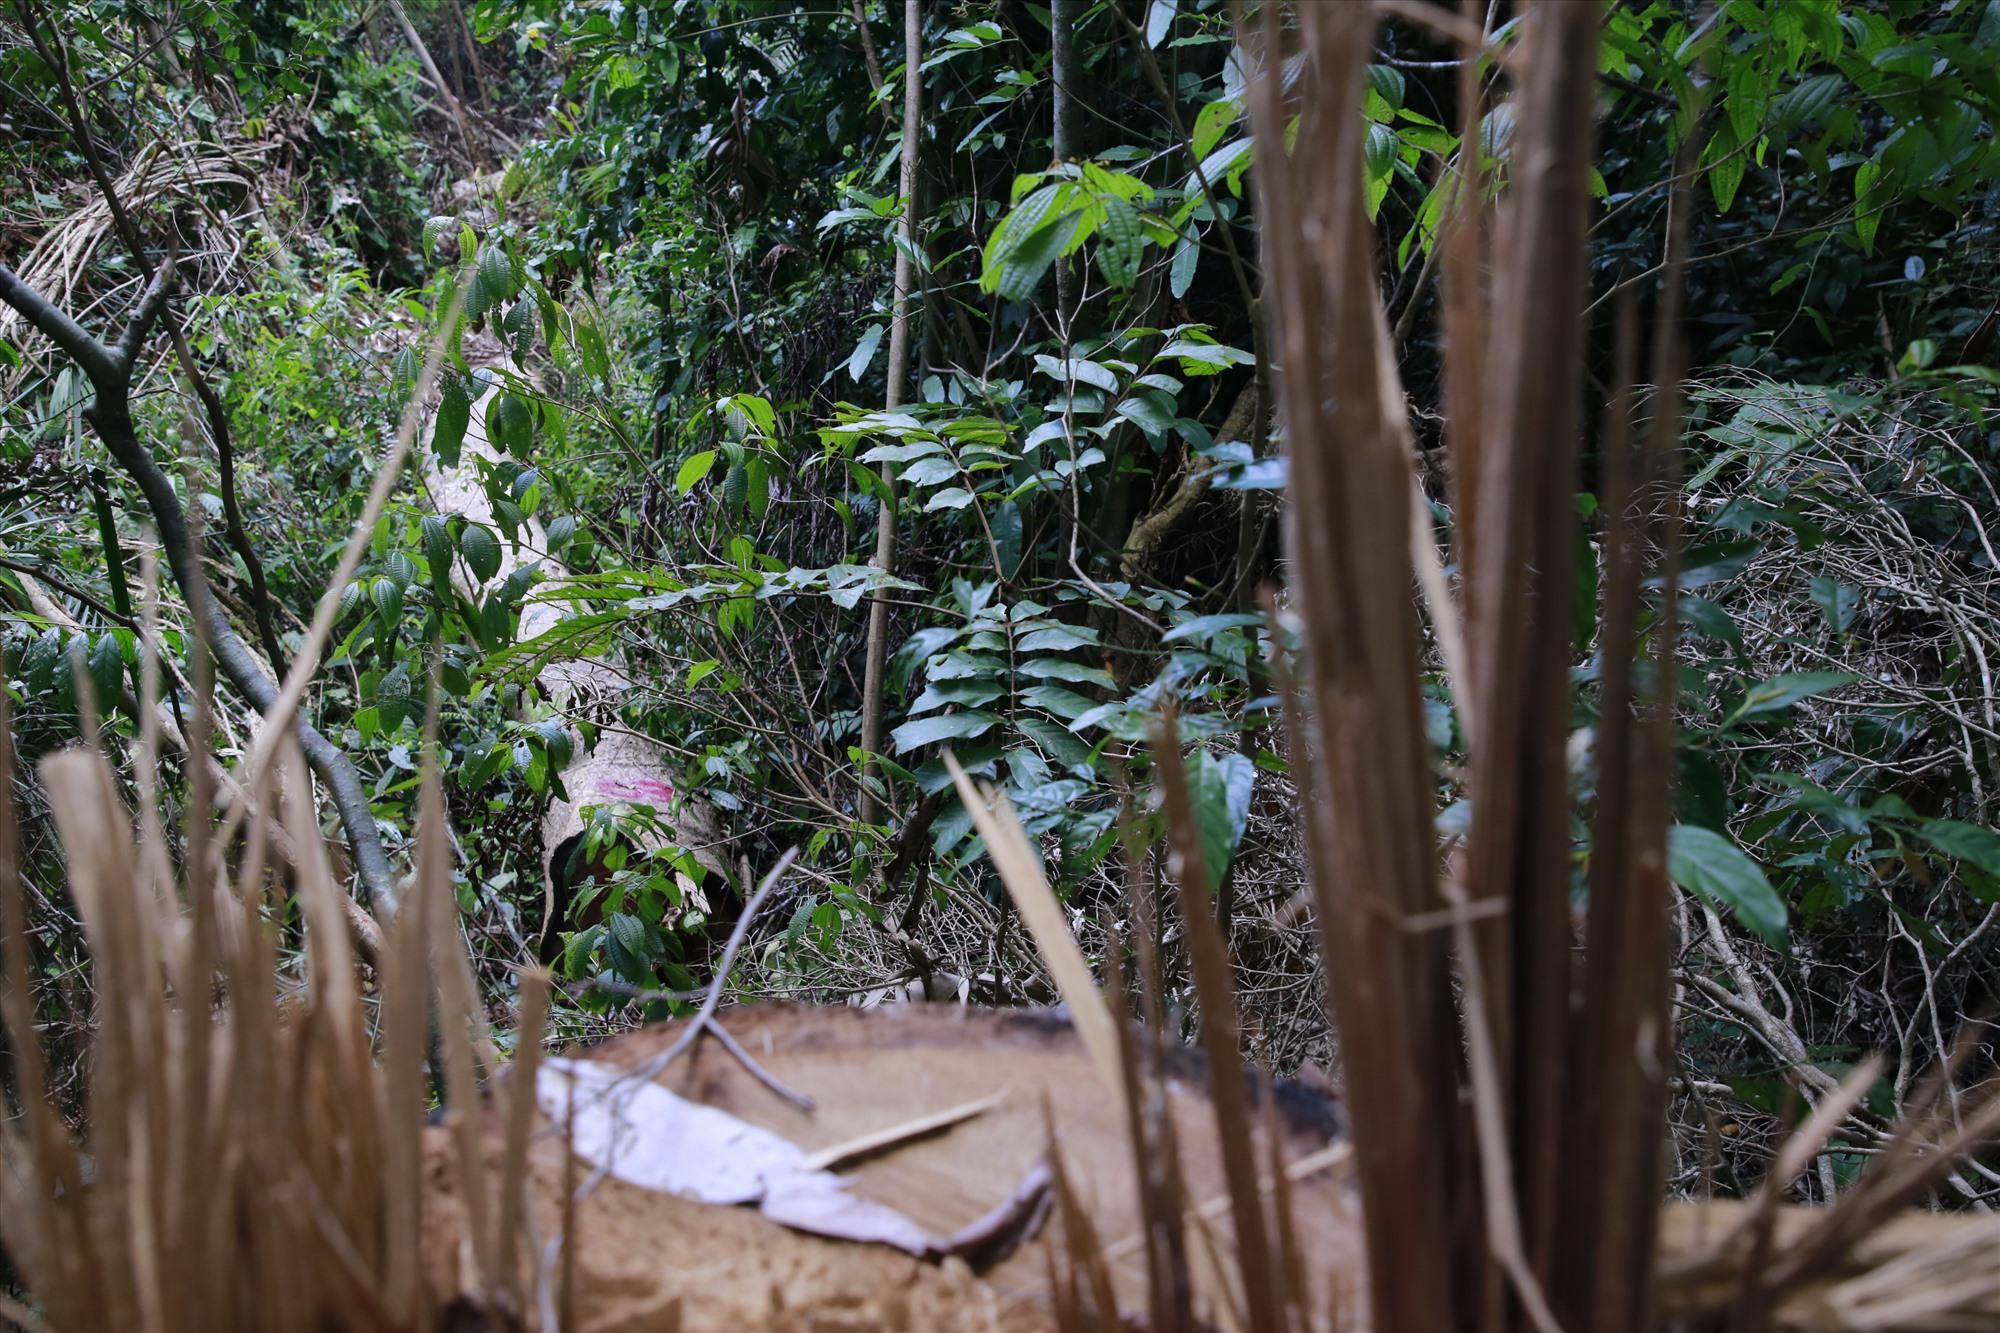 Một gốc gỗ lớn bị đốn ngã nhưng lâm tặc chưa kịp cưa xẻ lấy gỗ đi. Ảnh: T.C